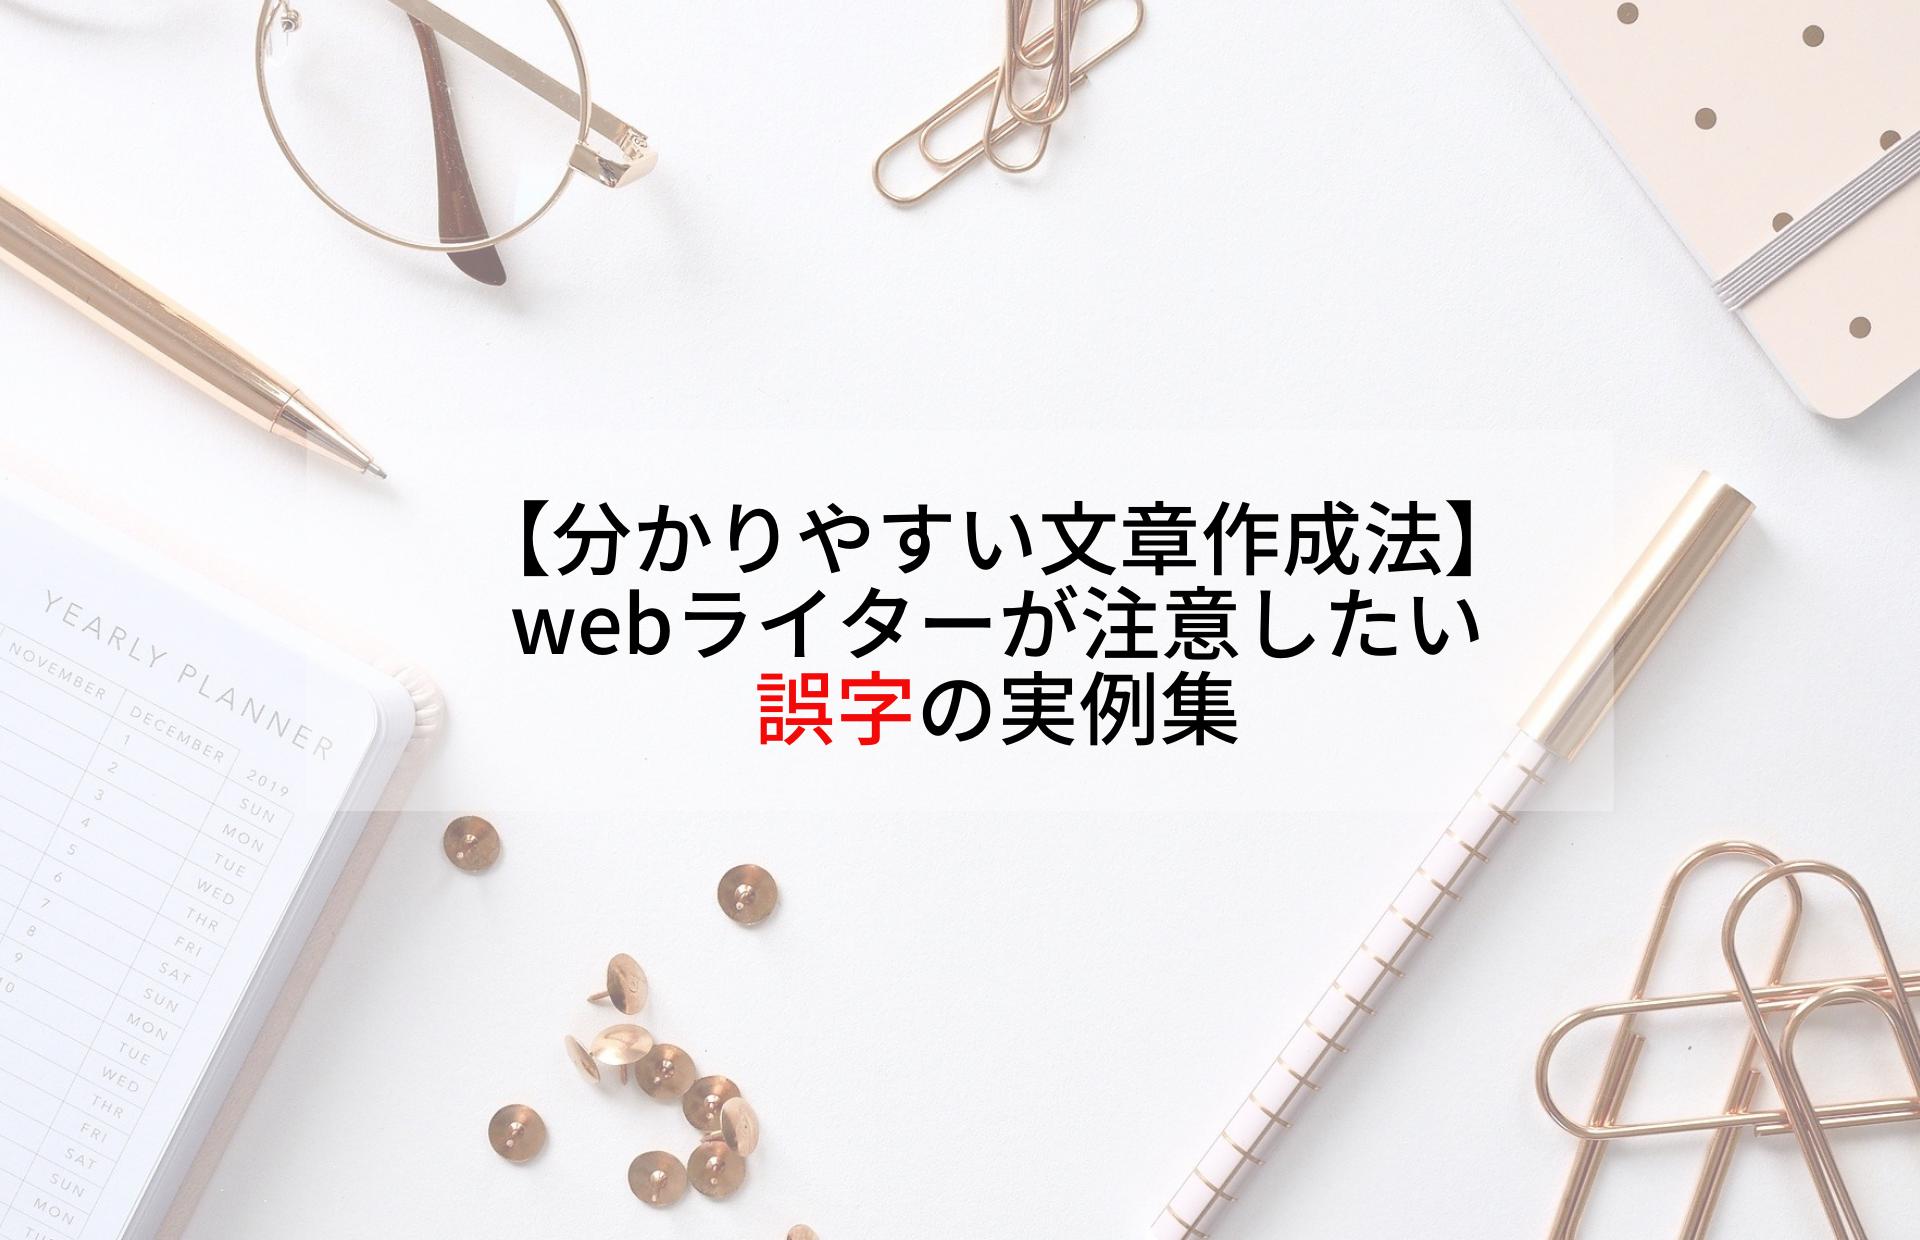 【分かりやすい文章作成法】webライターが注意したい誤字の実例集